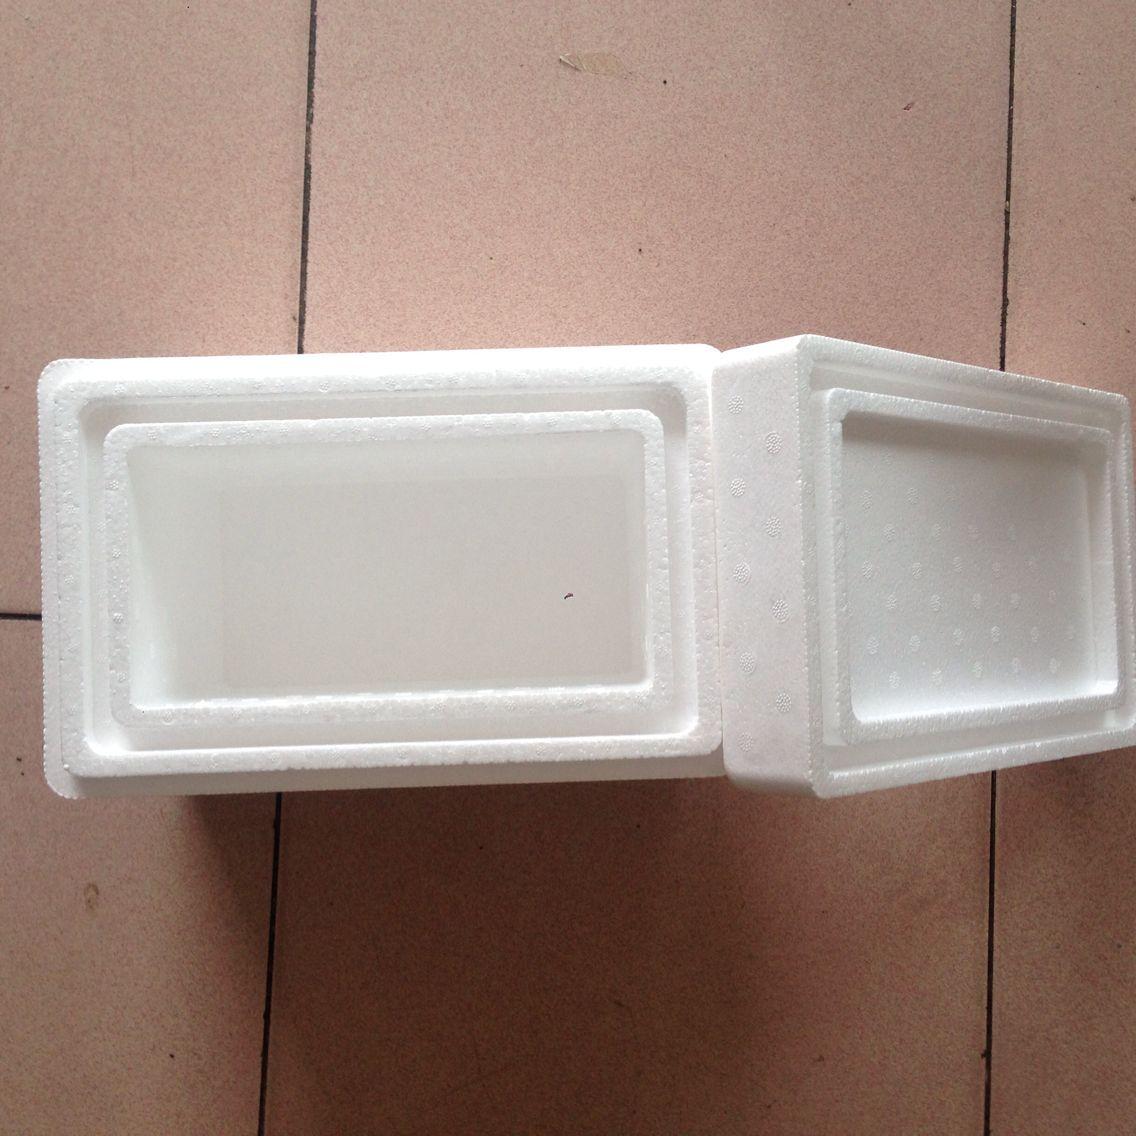 加厚4cm泡沫保温箱 冰淇淋泡沫箱 雪糕 蛋糕等冷藏运输泡沫箱